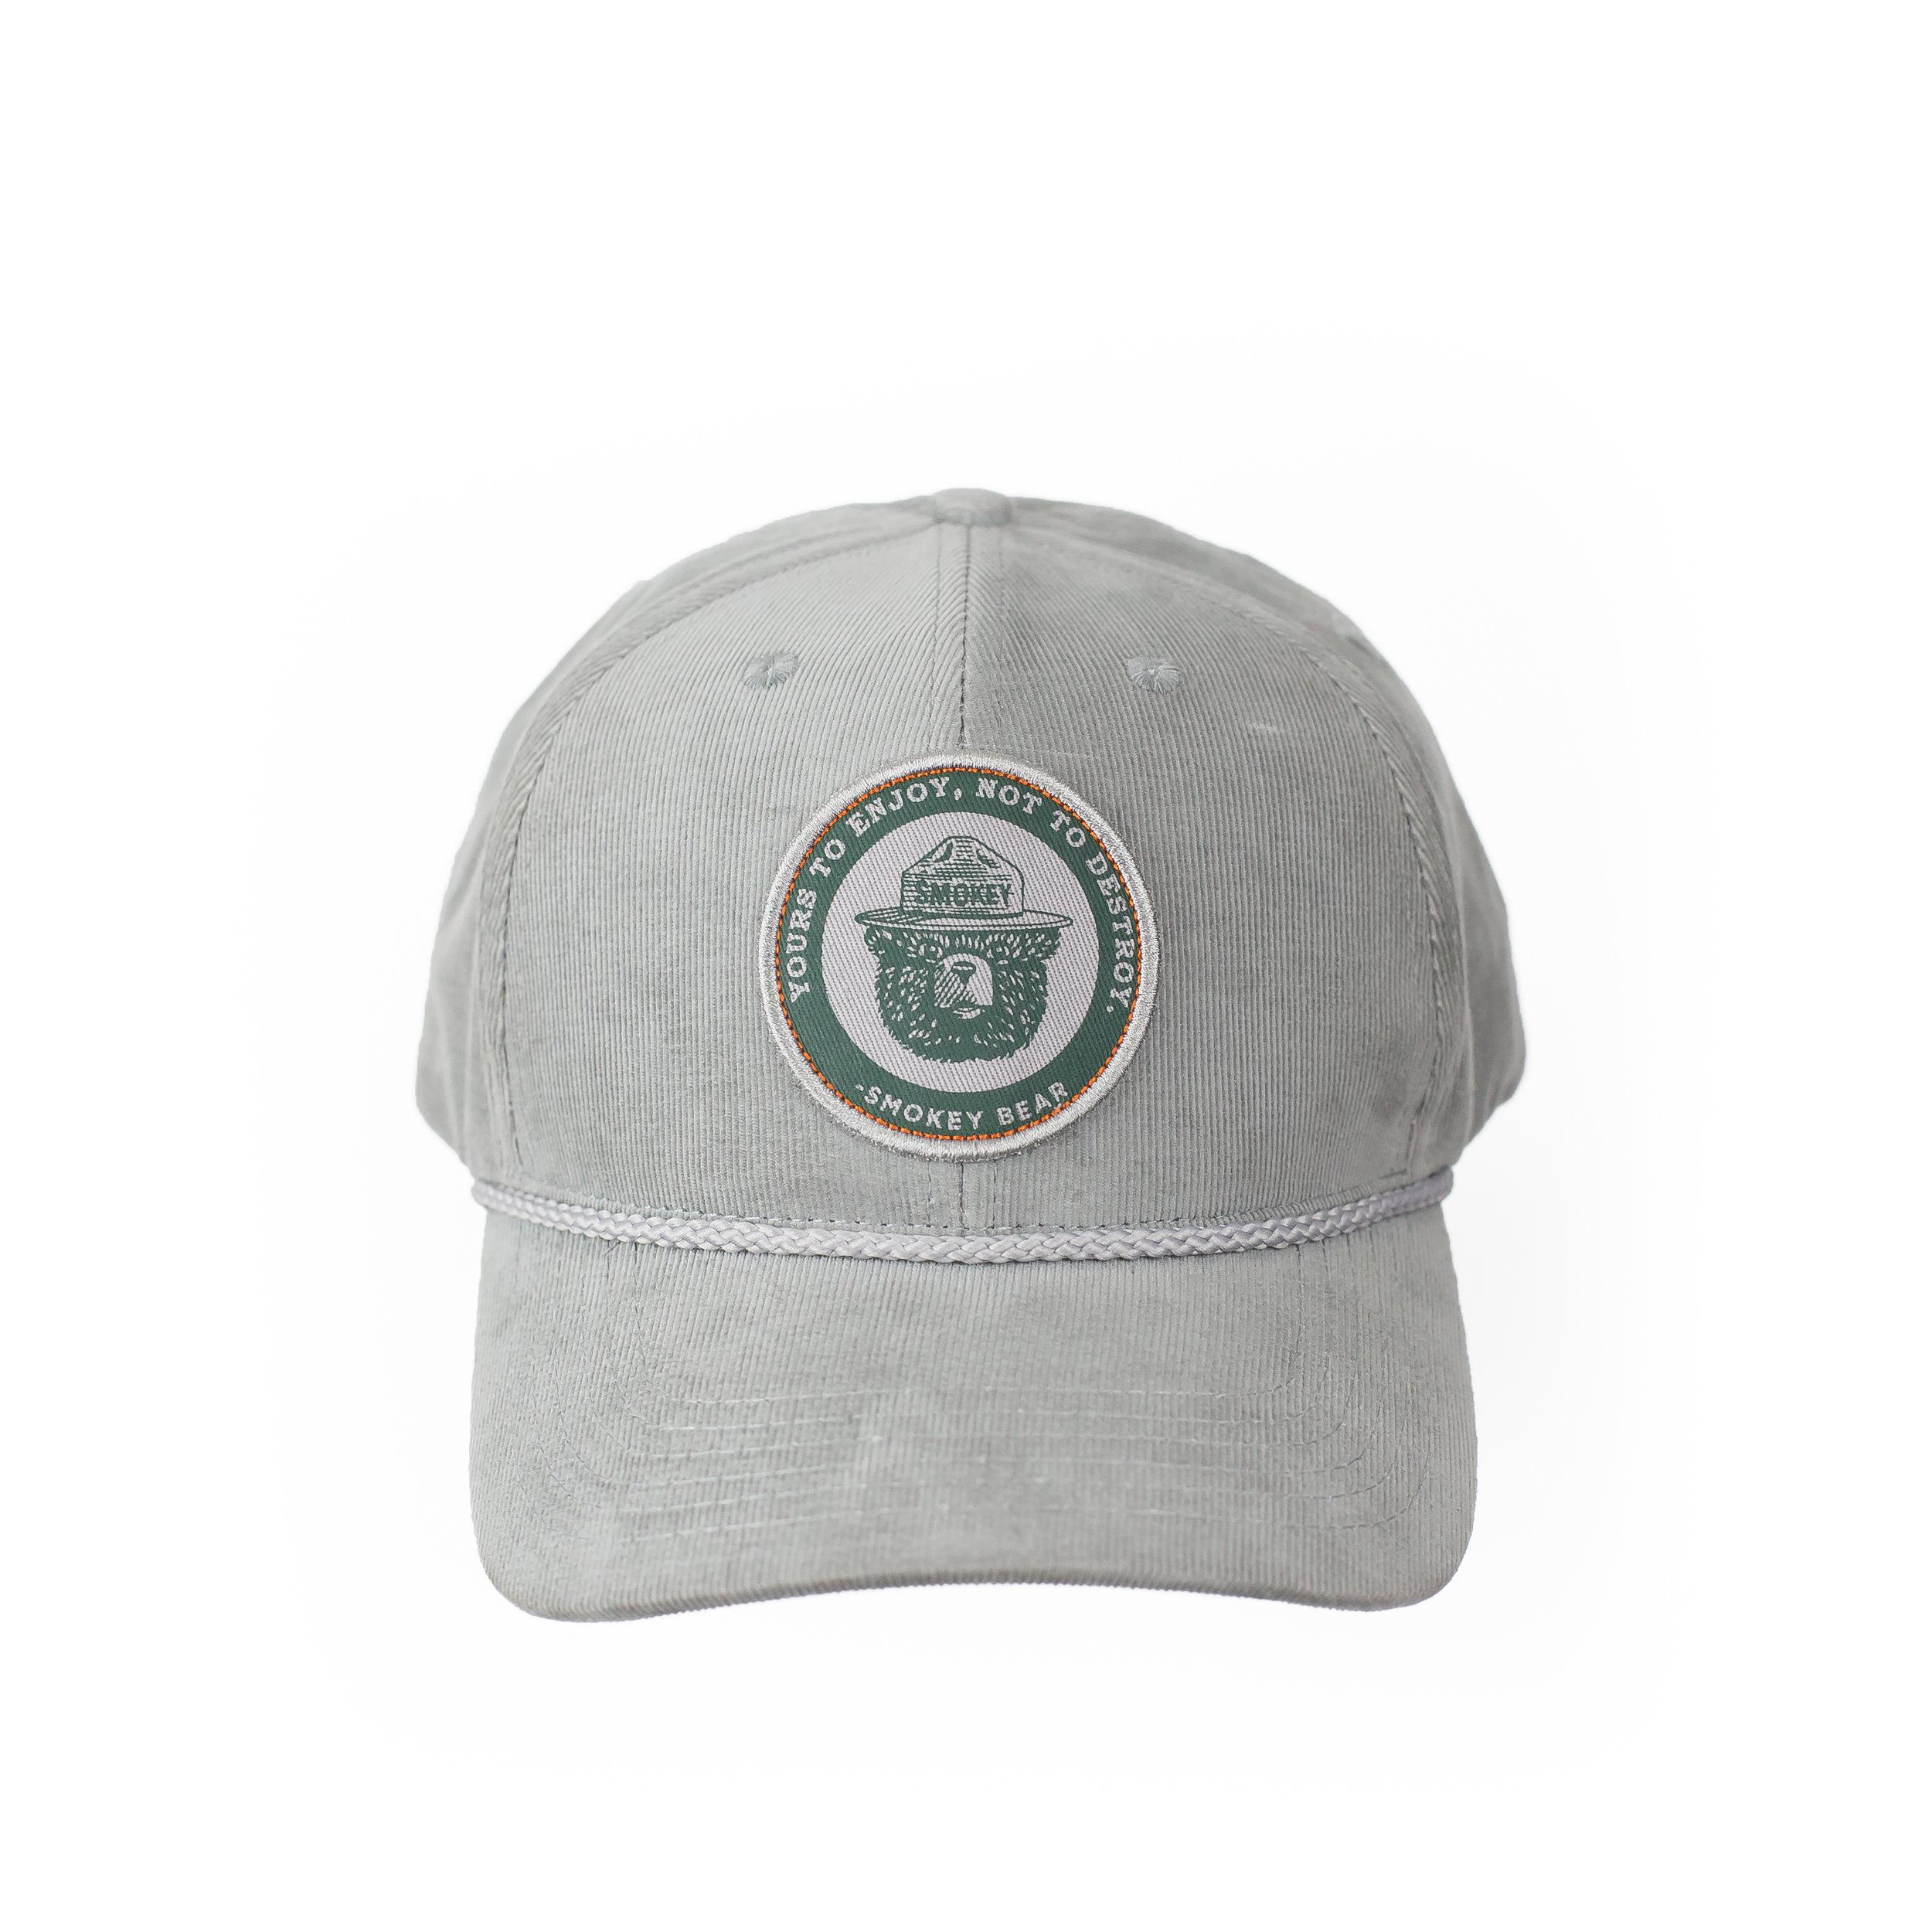 1322050001-corduroy-yourstoenjoy-hat-02.jpg